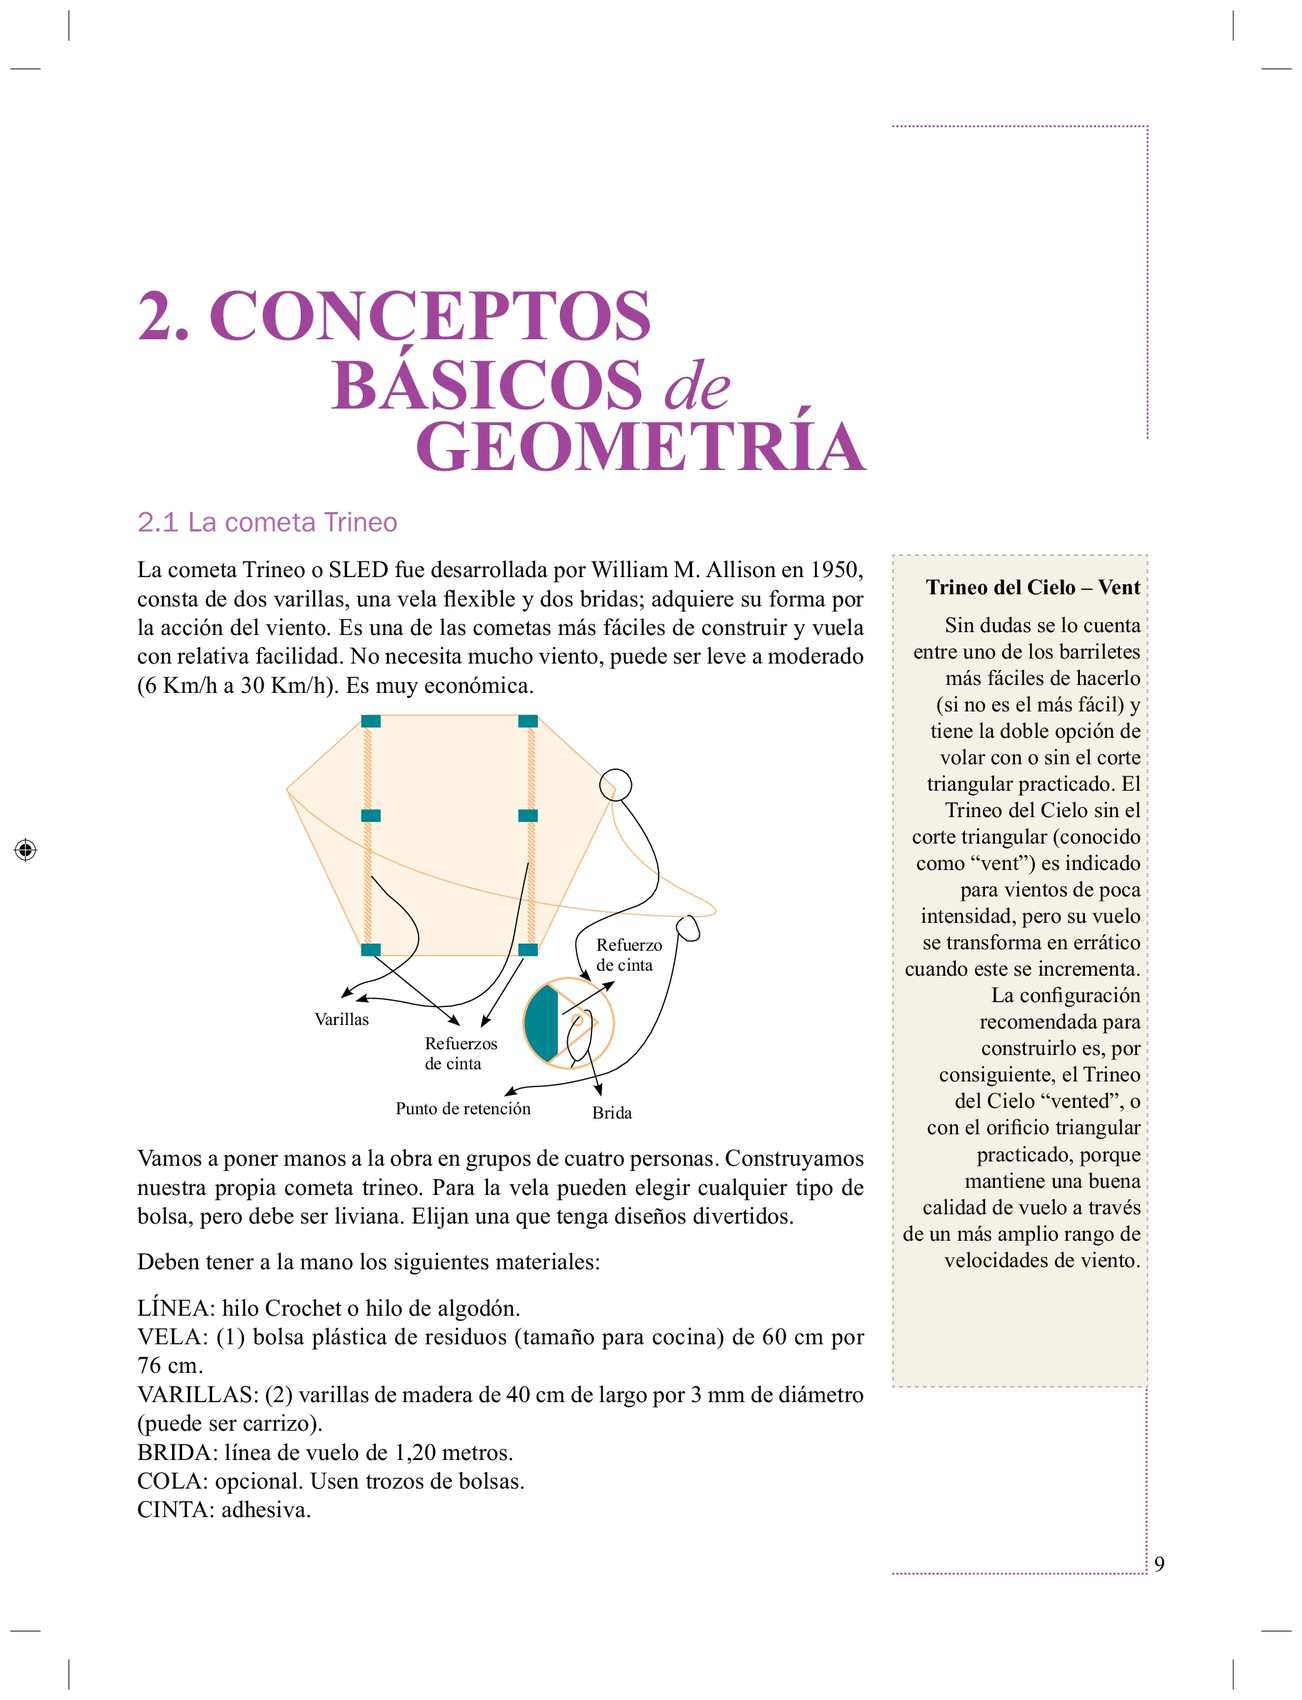 Geometría para cometas 3